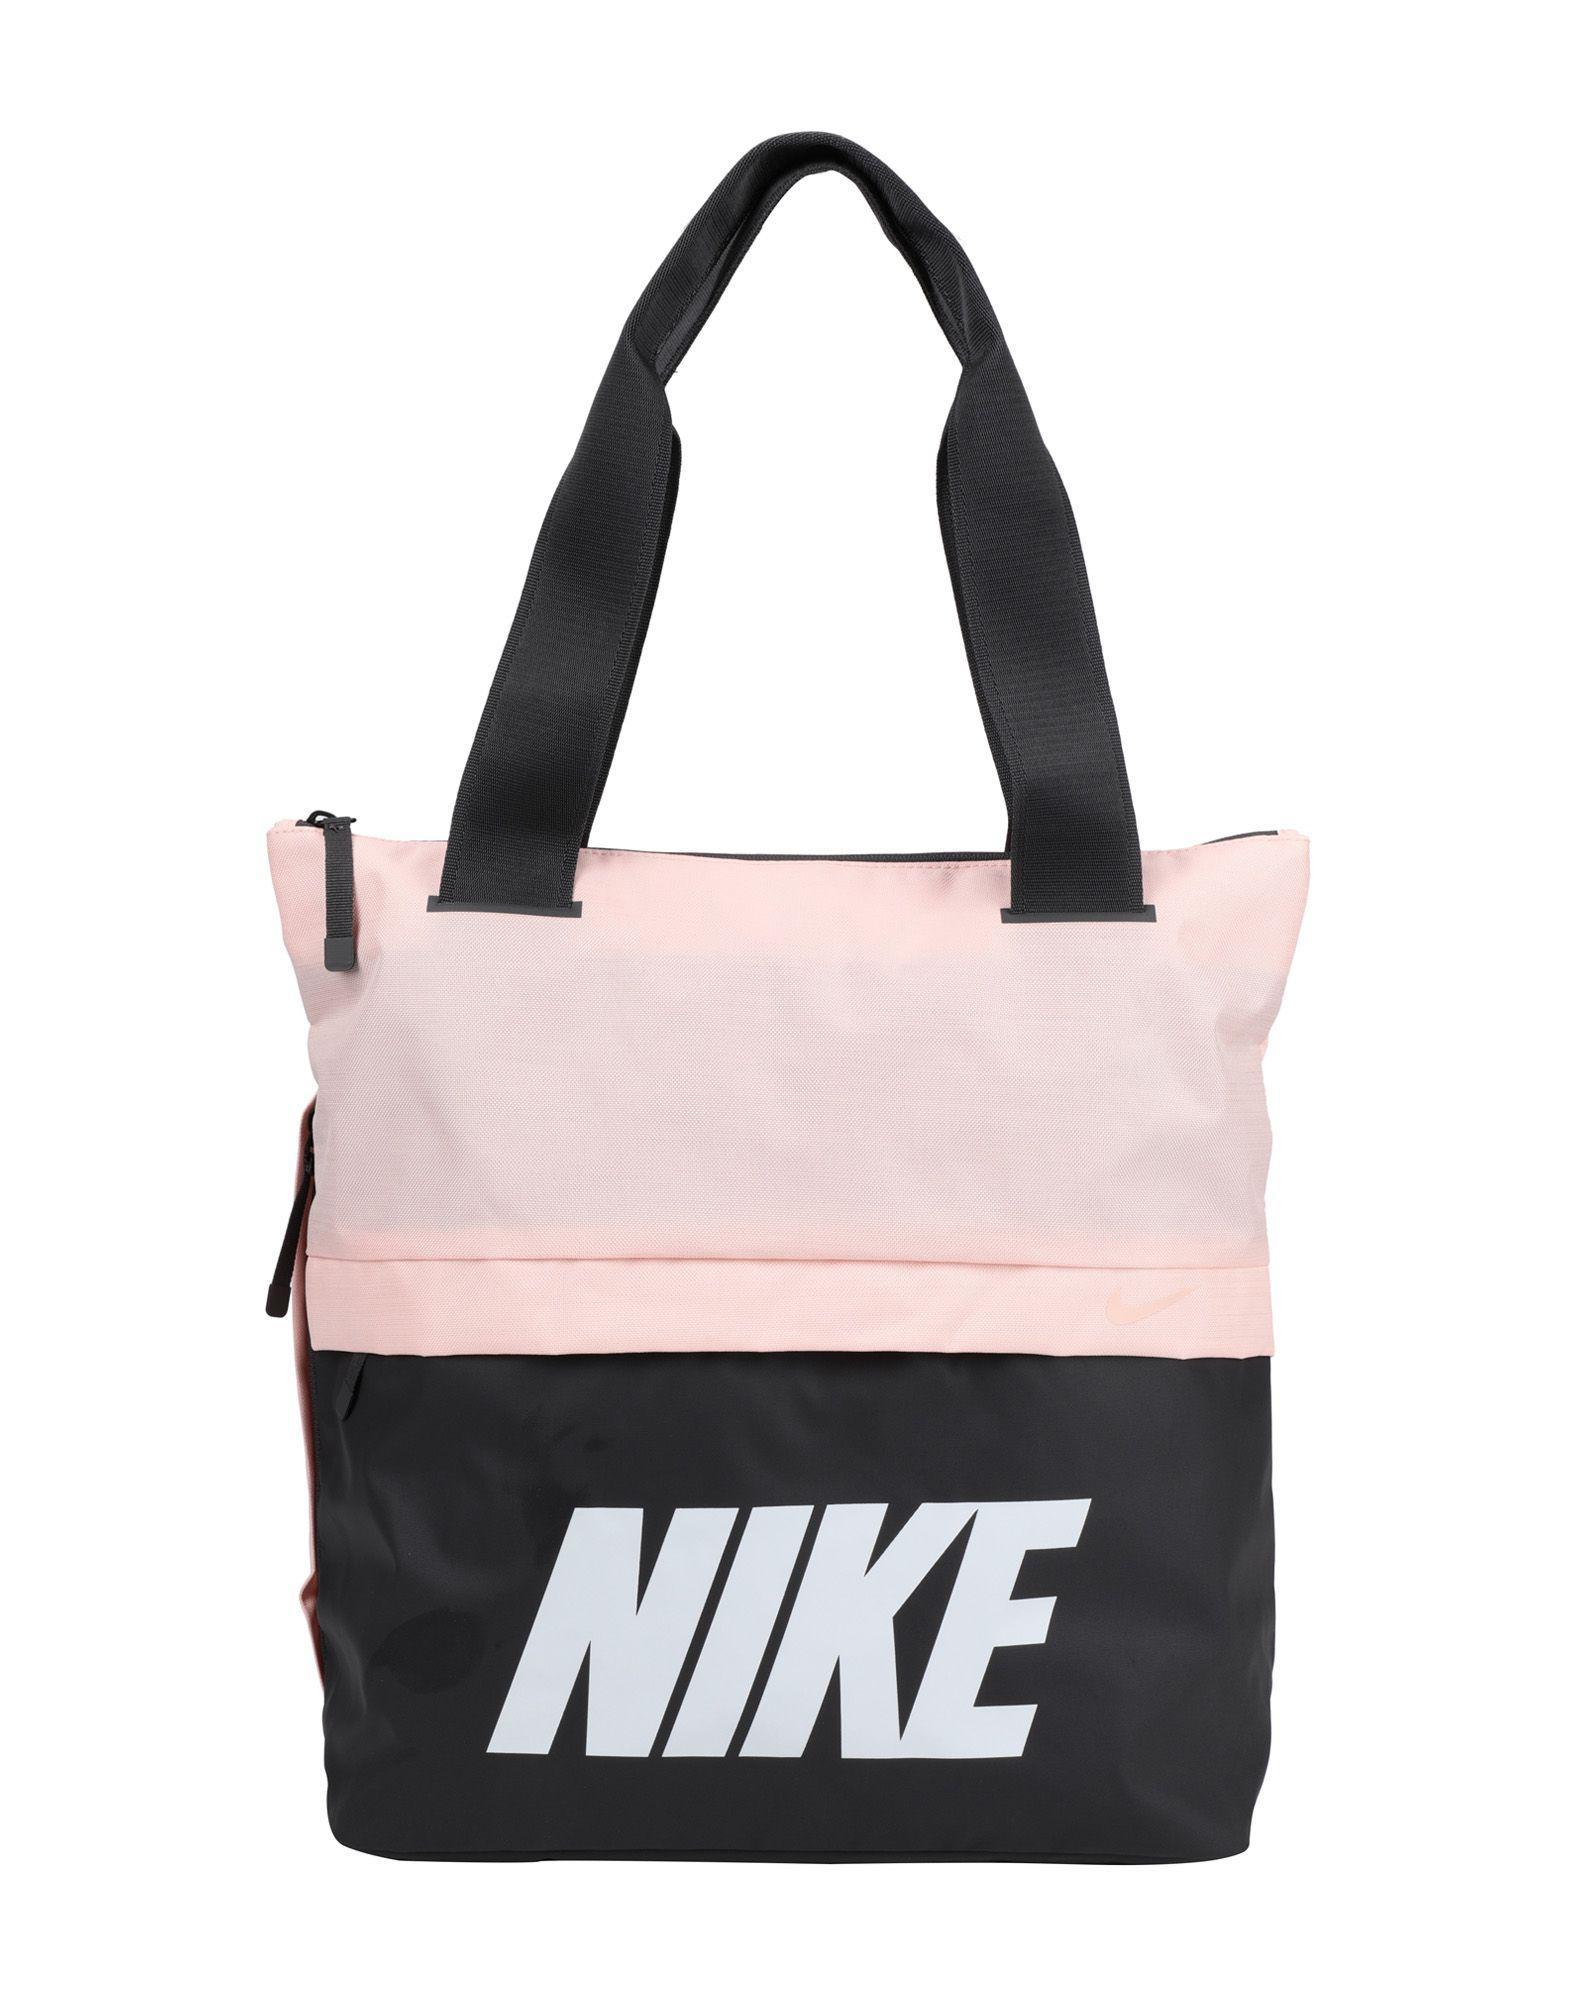 5ba2fbfb03 Nike - Pink Sac à main - Lyst. Afficher en plein écran